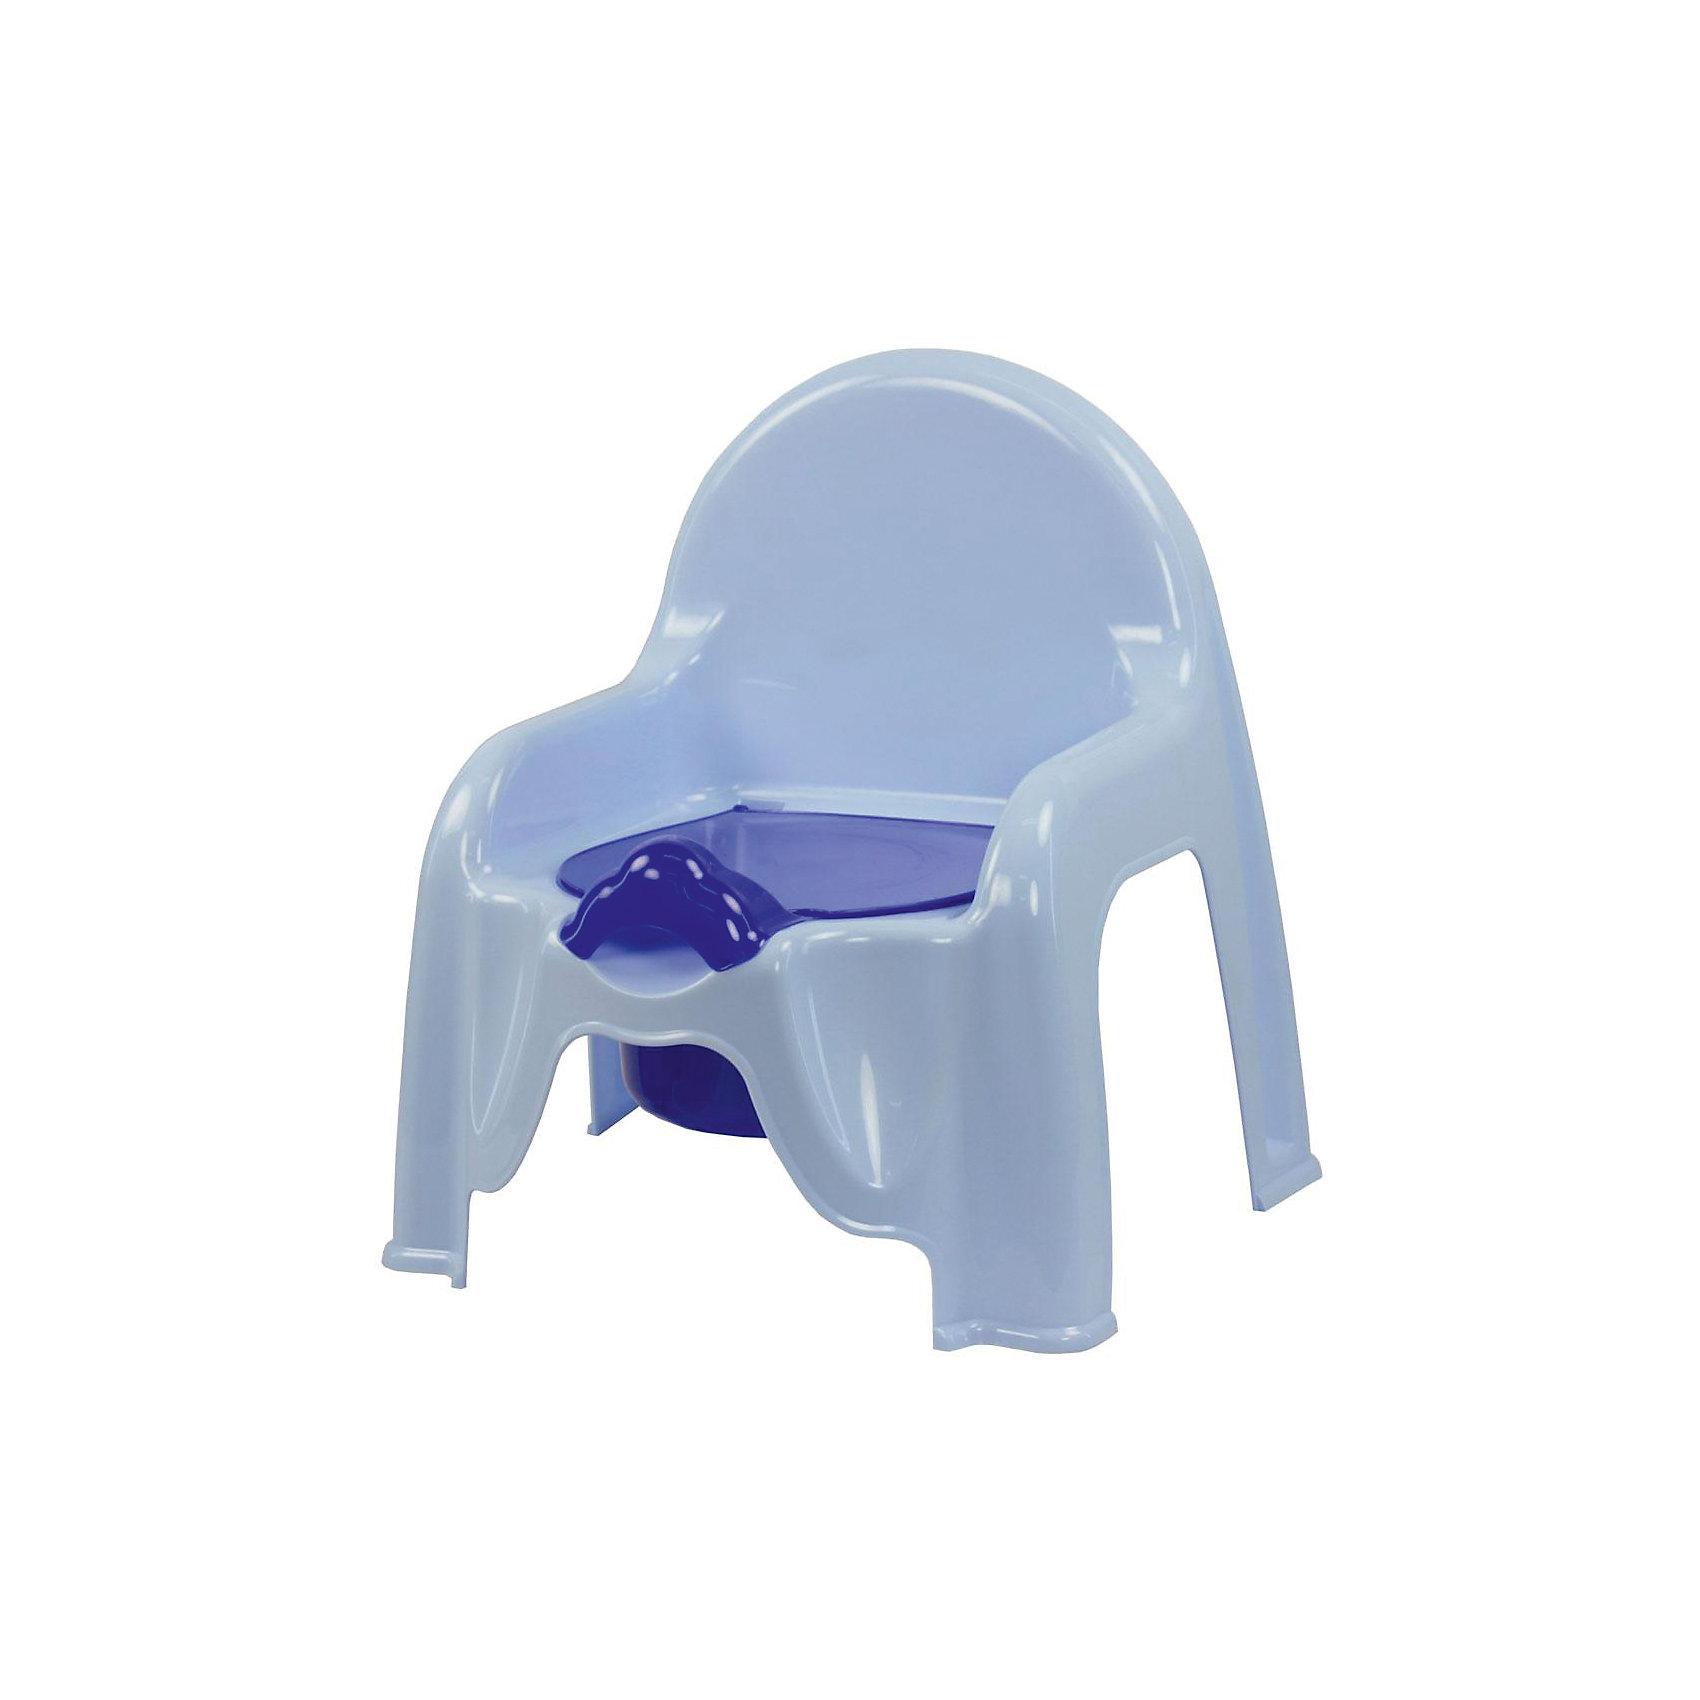 Горшок-стульчик , Alternativa, голубойГоршок-стульчик , Alternativa, голубой сделан из пластика, абсолютно безопасного для детей. Горшок сделан в форме стула: спинка и два небольших подлокотника, что создаст удобство ребёнку. Горшок Малышок отлично подойдет для того, чтобы приучить ребёнка ходить в туалет самостоятельно. <br><br>Дополнительная информация:<br>-Размер(ДхШхВ):45,5 х11х22 см<br>-Цвет: голубой<br>-Марка: Alternativa<br><br>Горшок-стульчик , Alternativa, голубой вы можете приобрести в нашем интернет-магазине.<br><br>Ширина мм: 290<br>Глубина мм: 255<br>Высота мм: 345<br>Вес г: 439<br>Возраст от месяцев: -2147483648<br>Возраст до месяцев: 2147483647<br>Пол: Мужской<br>Возраст: Детский<br>SKU: 5096511